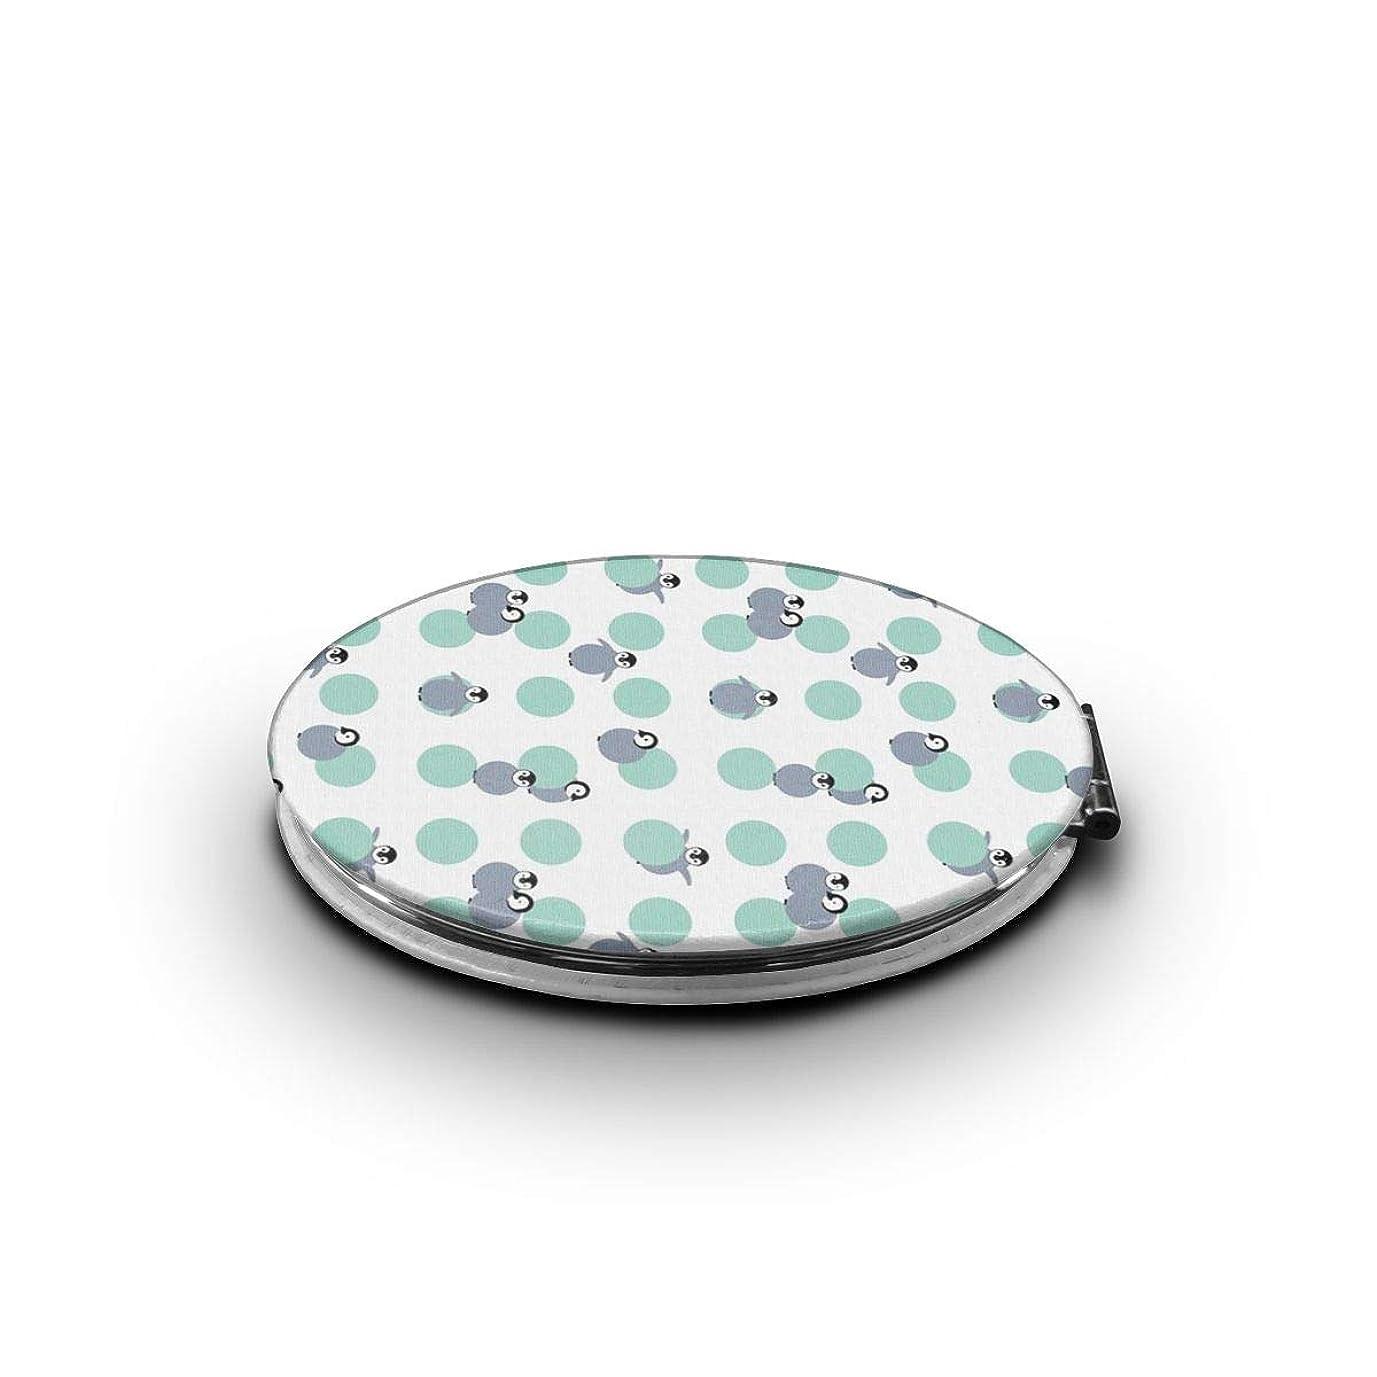 引き出しスプレー金銭的な携帯ミラー ペンギンミニ化粧鏡 化粧鏡 3倍拡大鏡+等倍鏡 両面化粧鏡 楕円形 携帯型 折り畳み式 コンパクト鏡 外出に 持ち運び便利 超軽量 おしゃれ 9.0X6.6CM